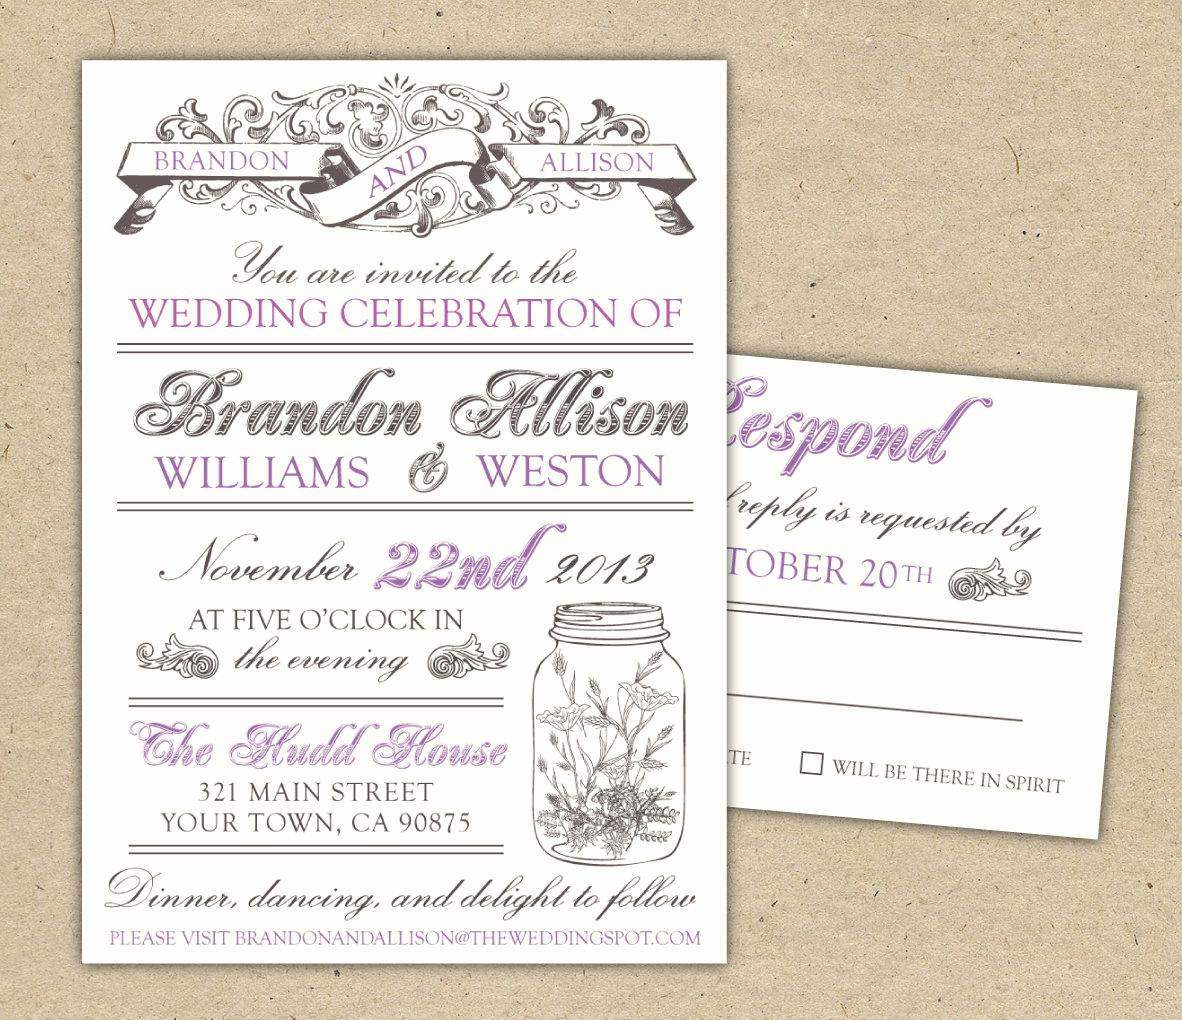 Vintage Wedding Invitation Templates Elegant 30 Unique Vintage Wedding Invitations